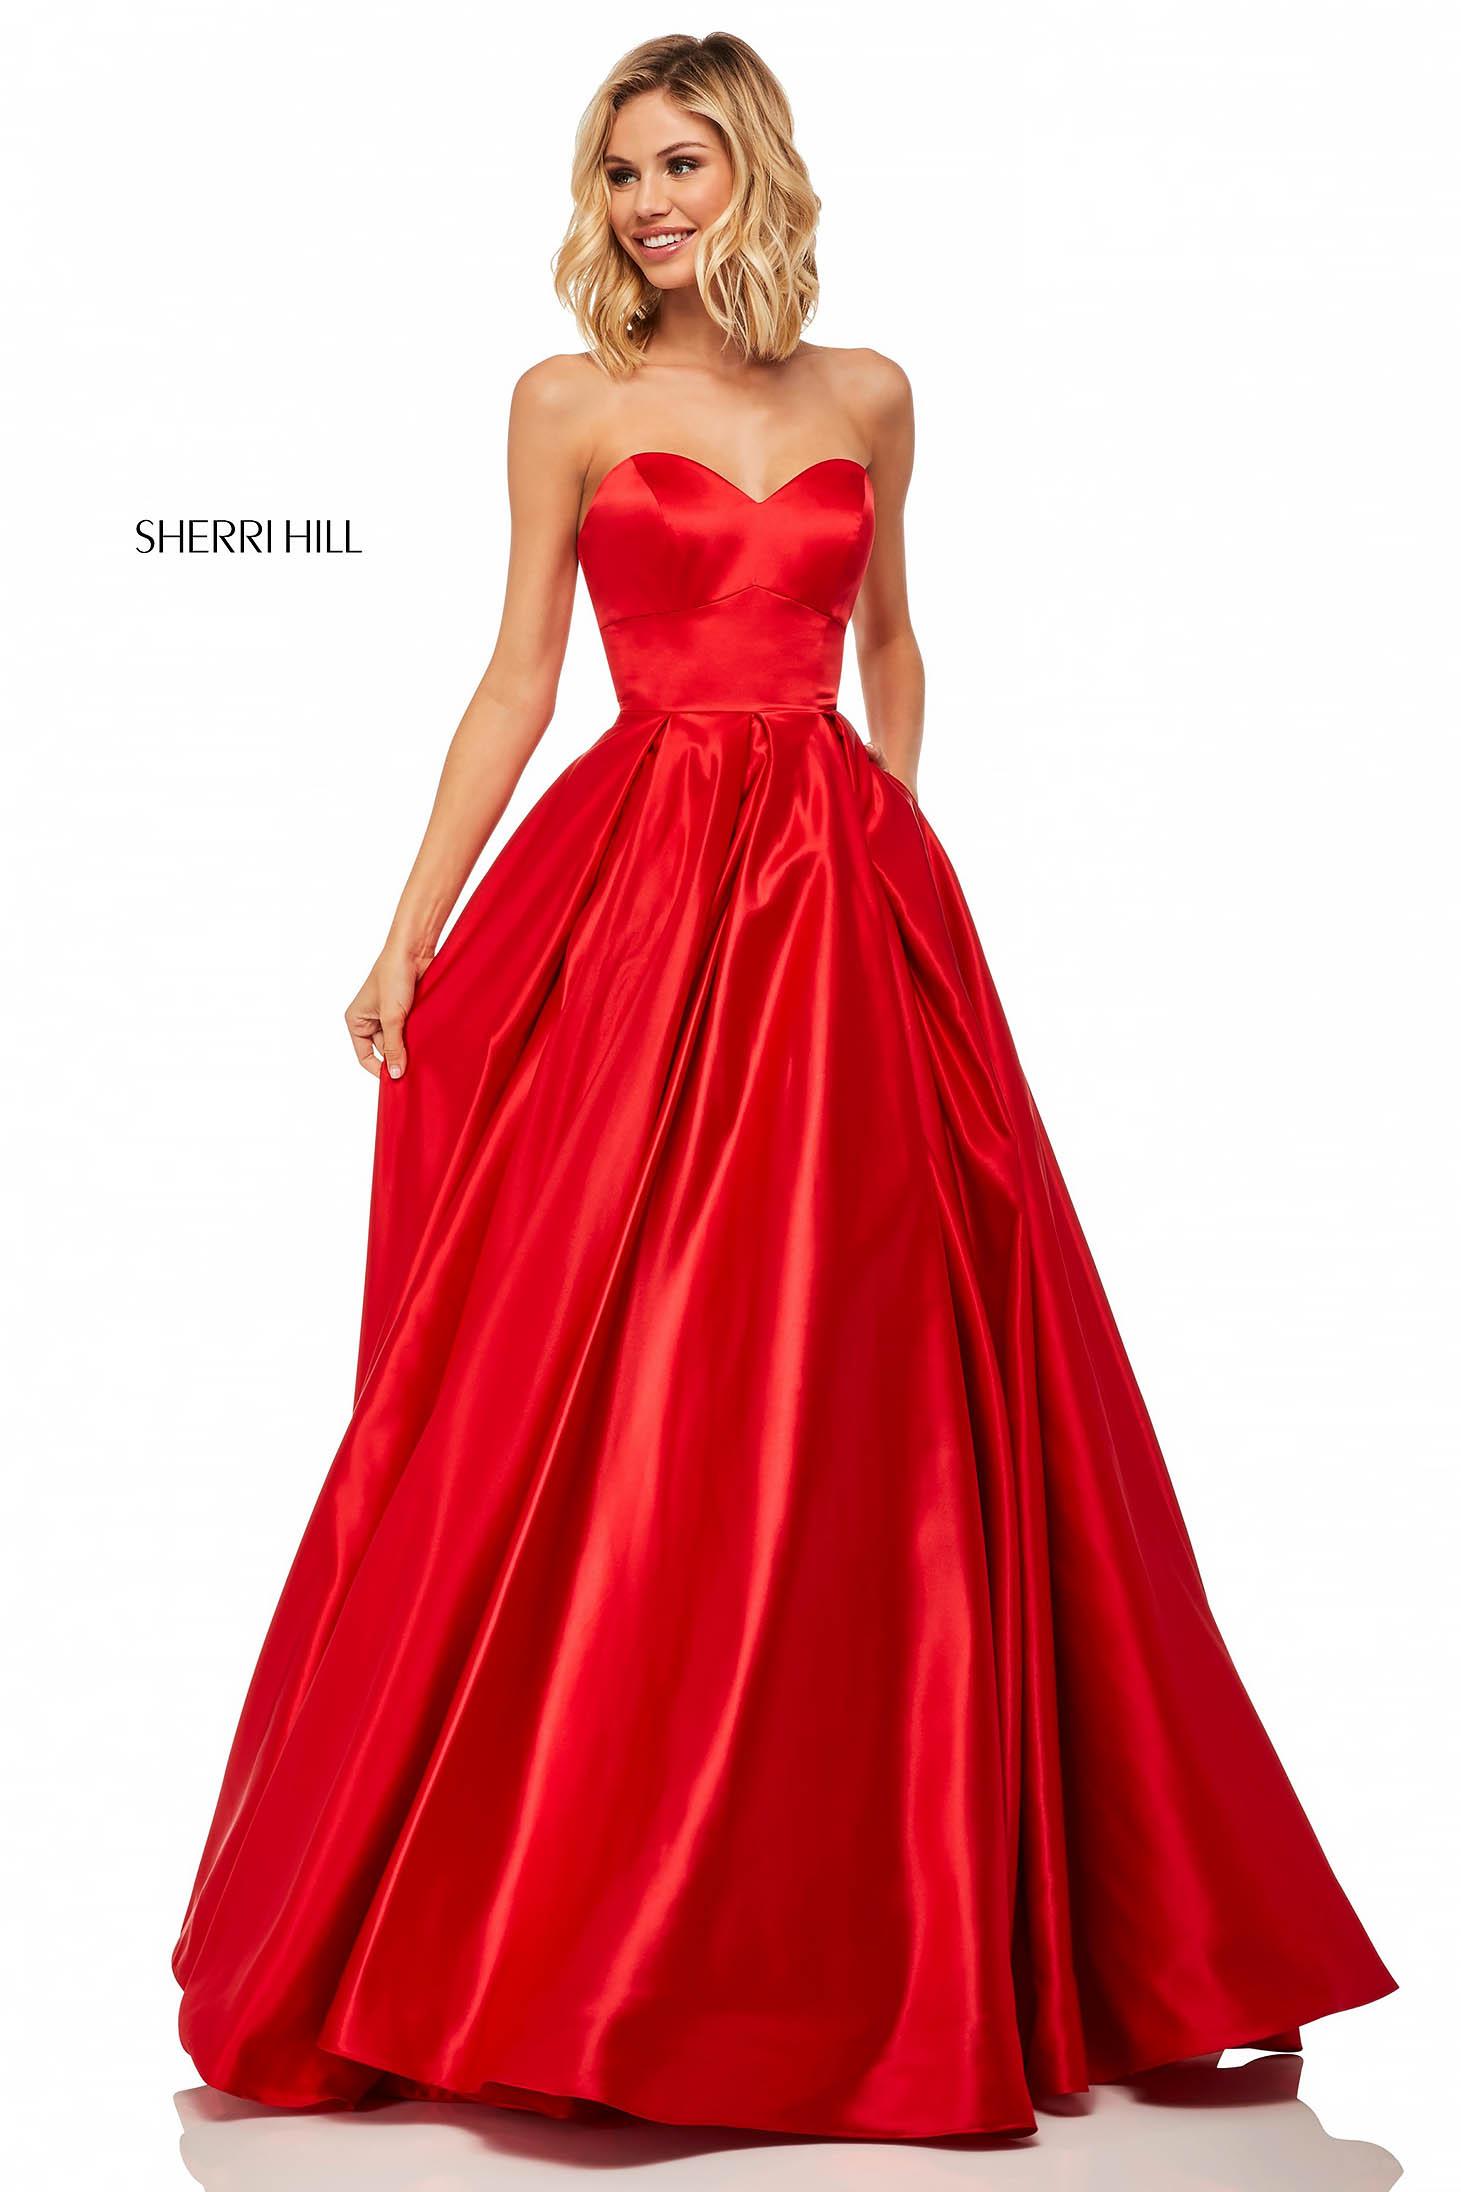 Sherri Hill 52850 Red Dress